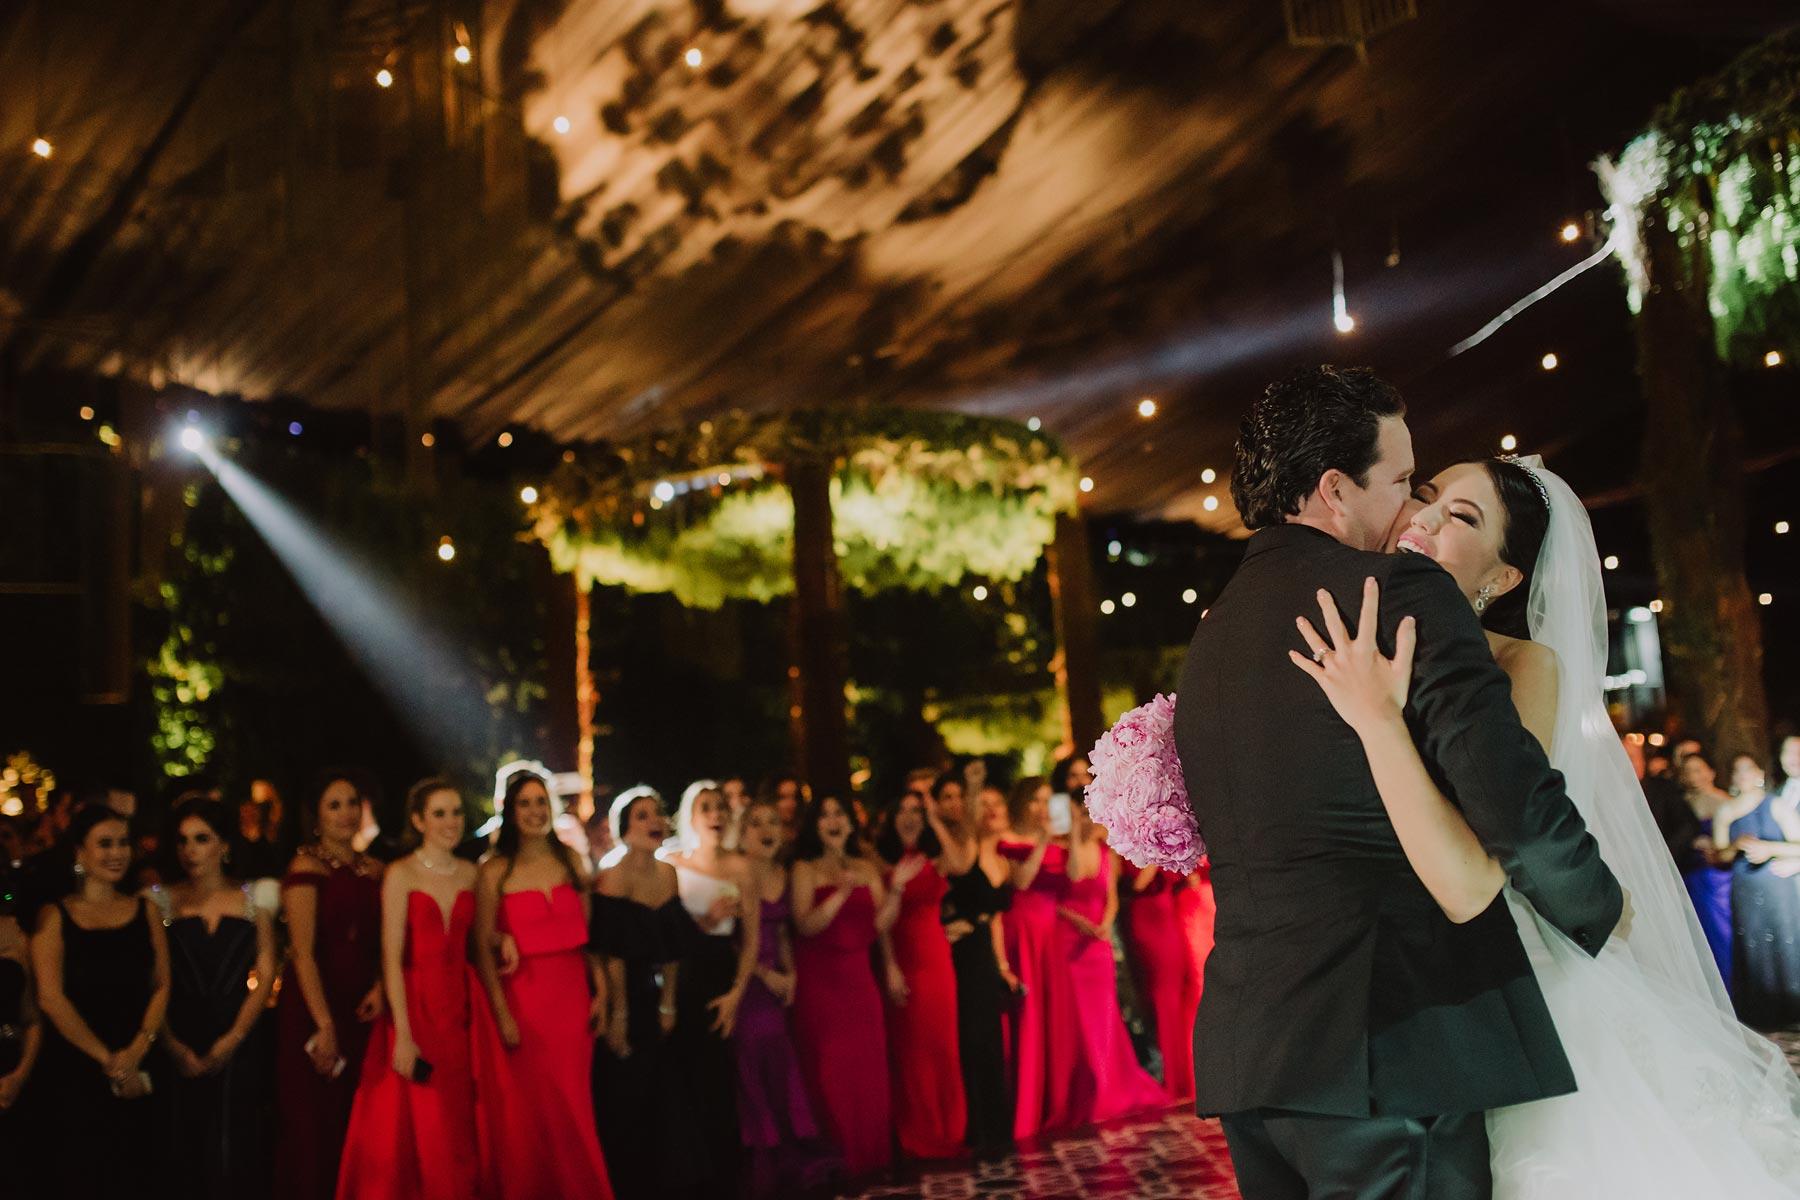 fotografo-bodas-mazatlan-34